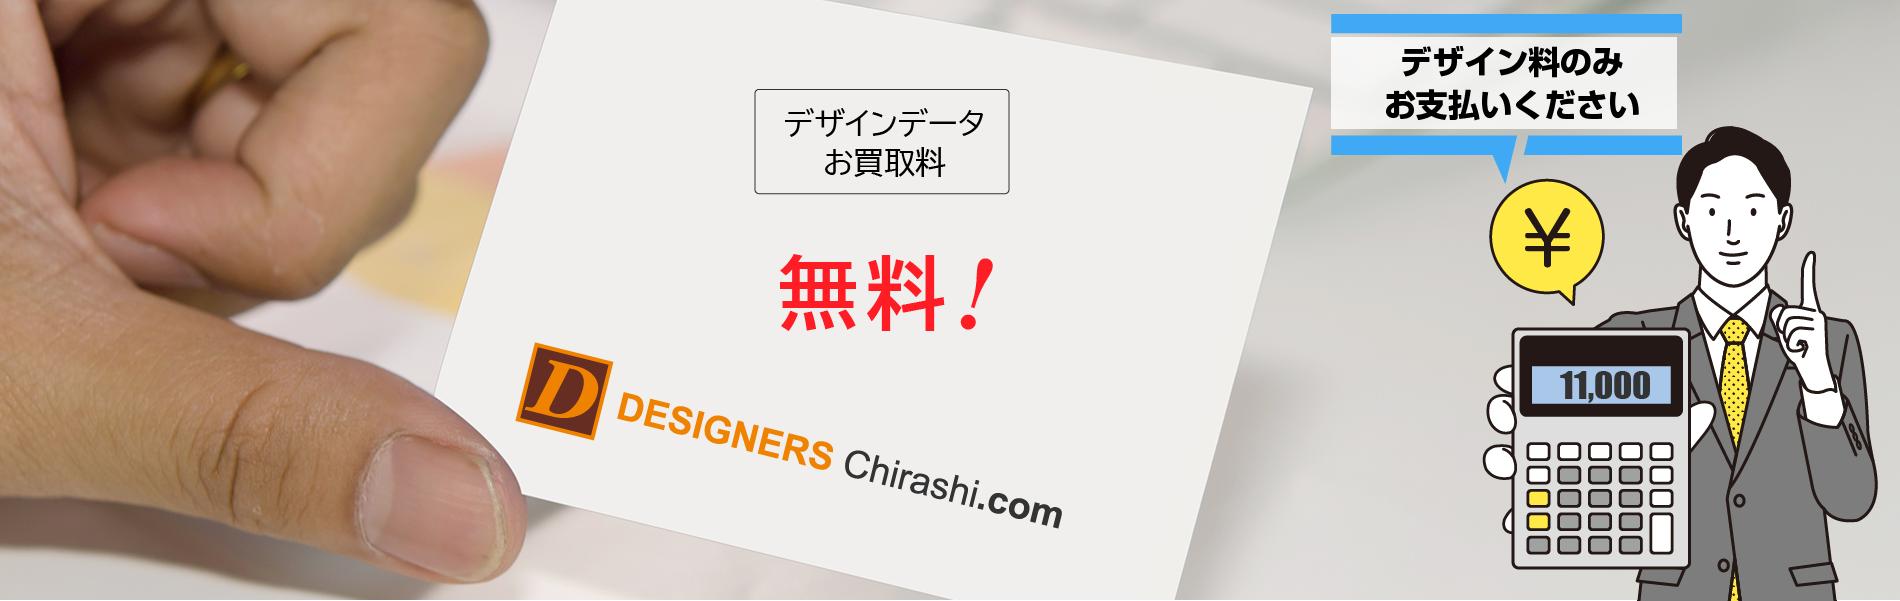 チラシデザインデータお買取料無料!